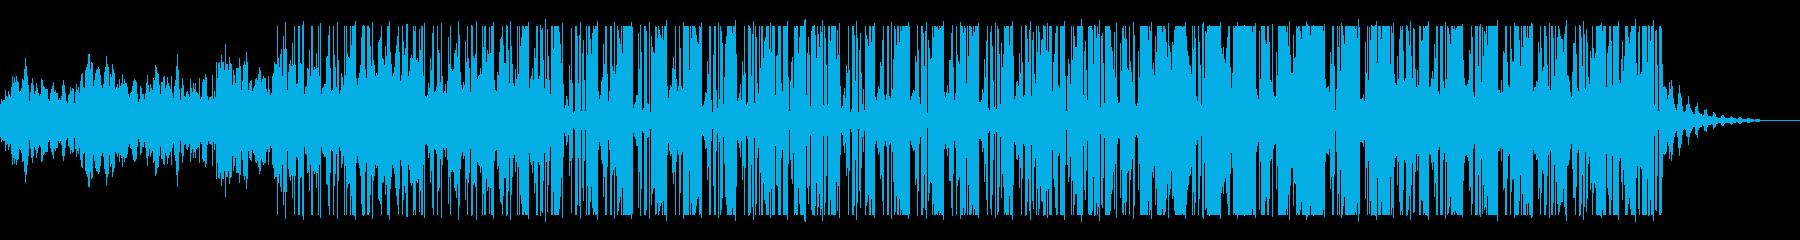 多目的BGM用スムースジャズの再生済みの波形